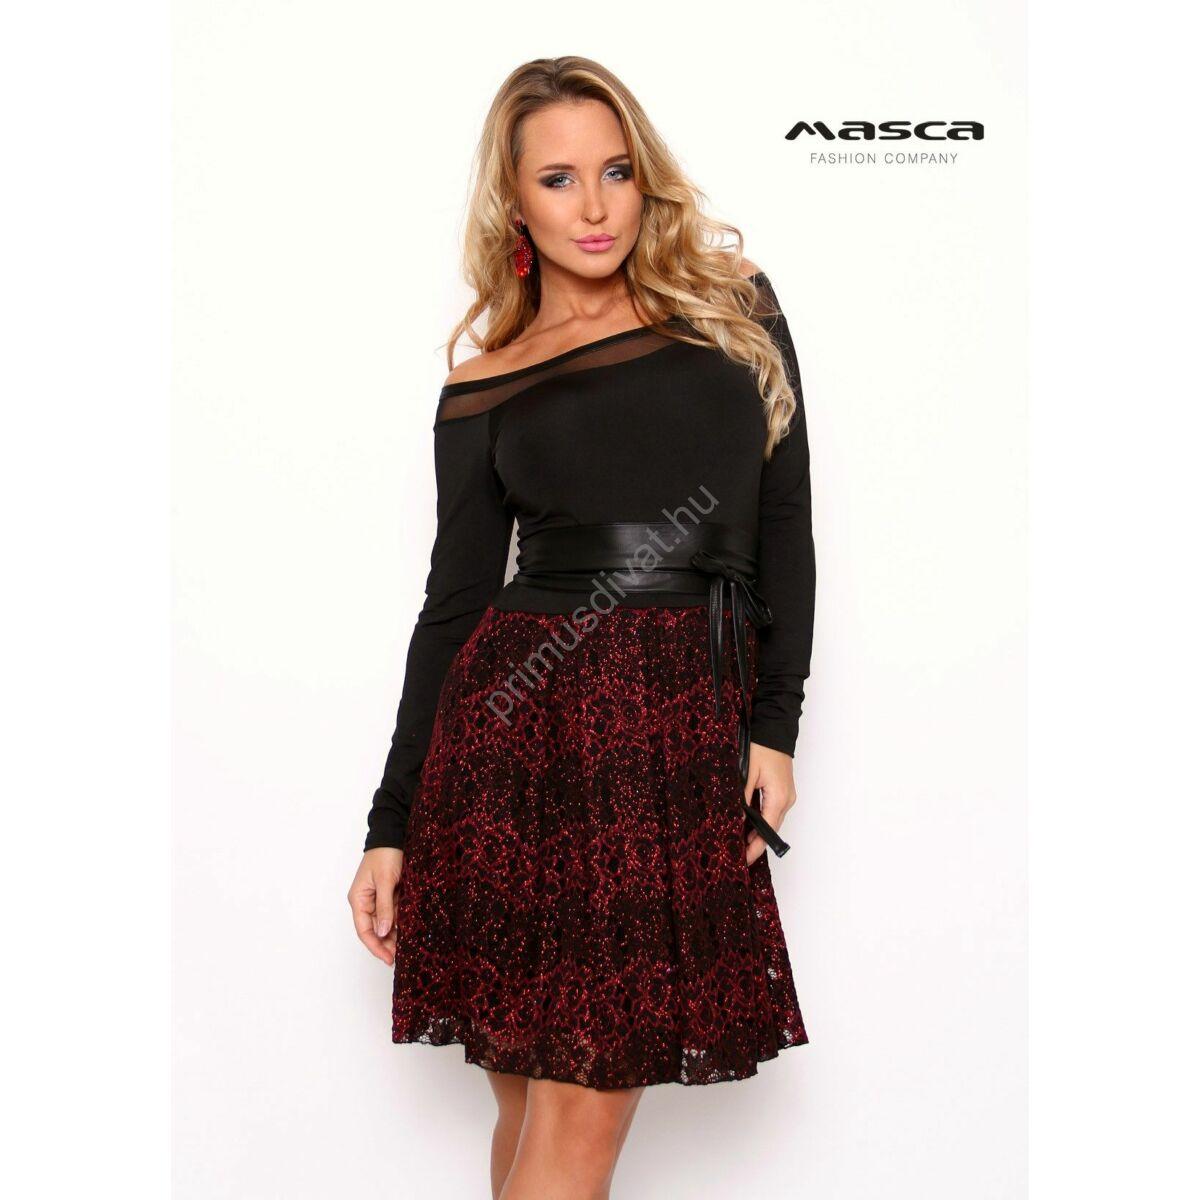 Masca Fashion vállra szabott muszlin betétes csónaknyakú, bordó lurex szálas csipkés loknis aljú fekete alkalmi miniruha